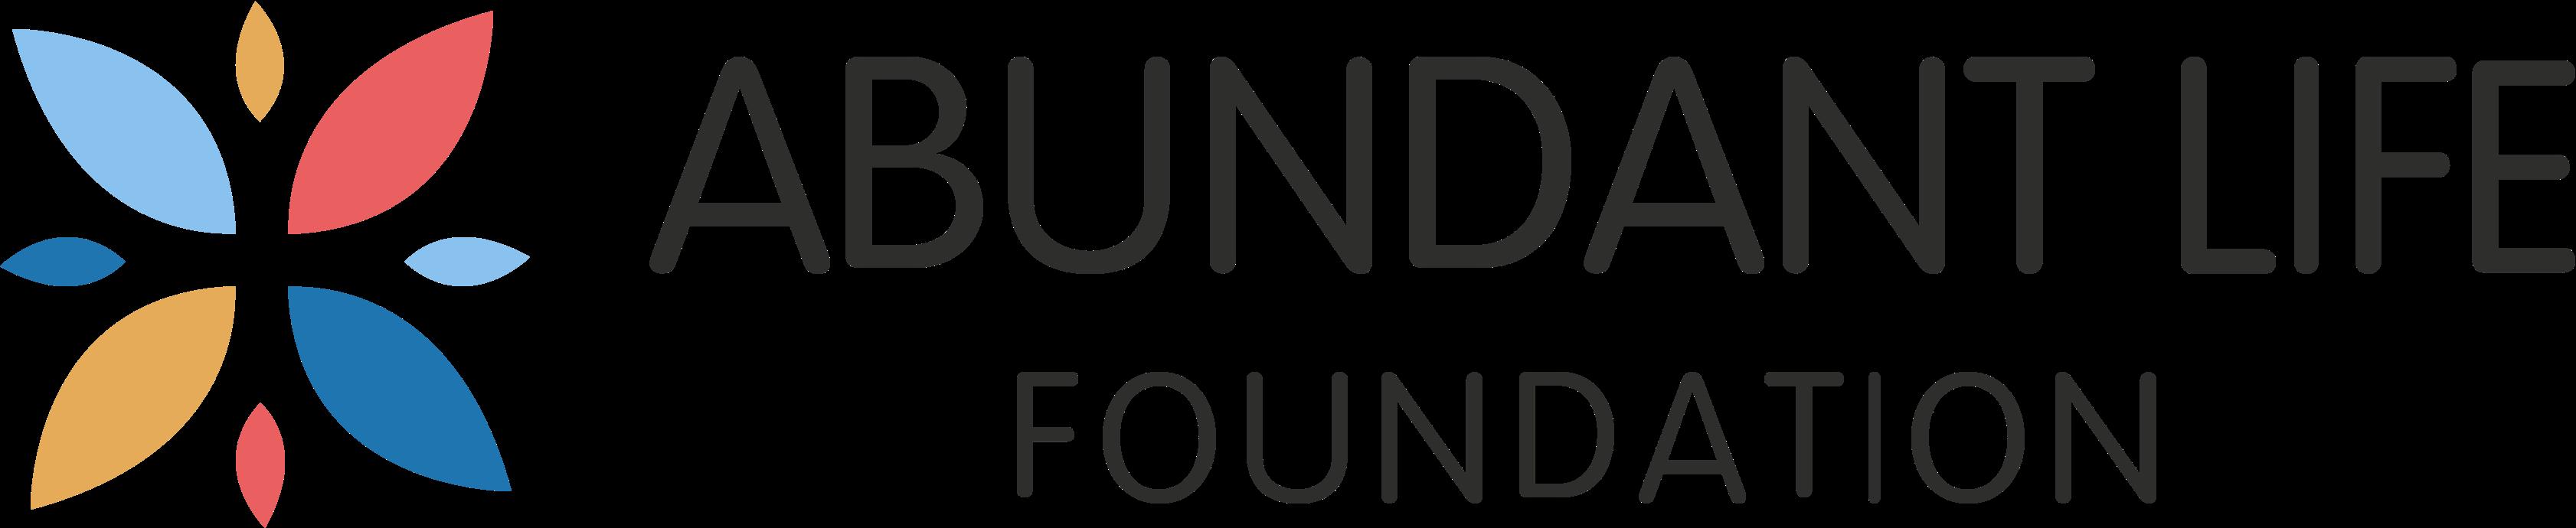 Abundant Life Foundation